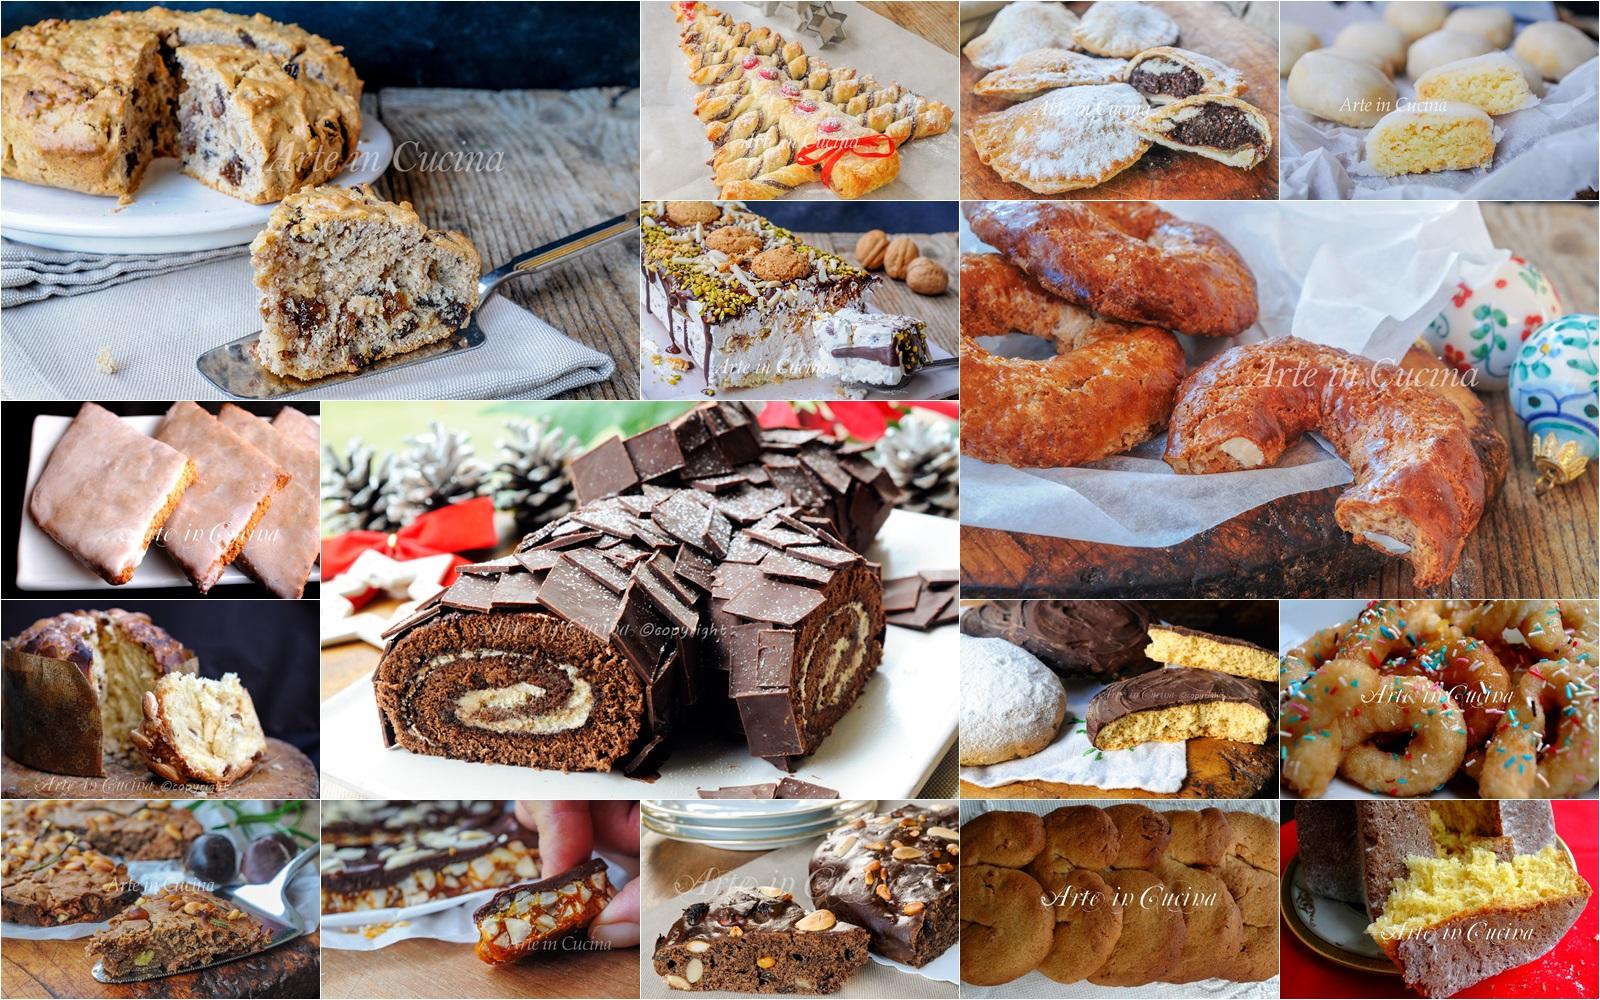 Dolci di natale veloci e facili ricette golose for Ricette dolci facili e veloci